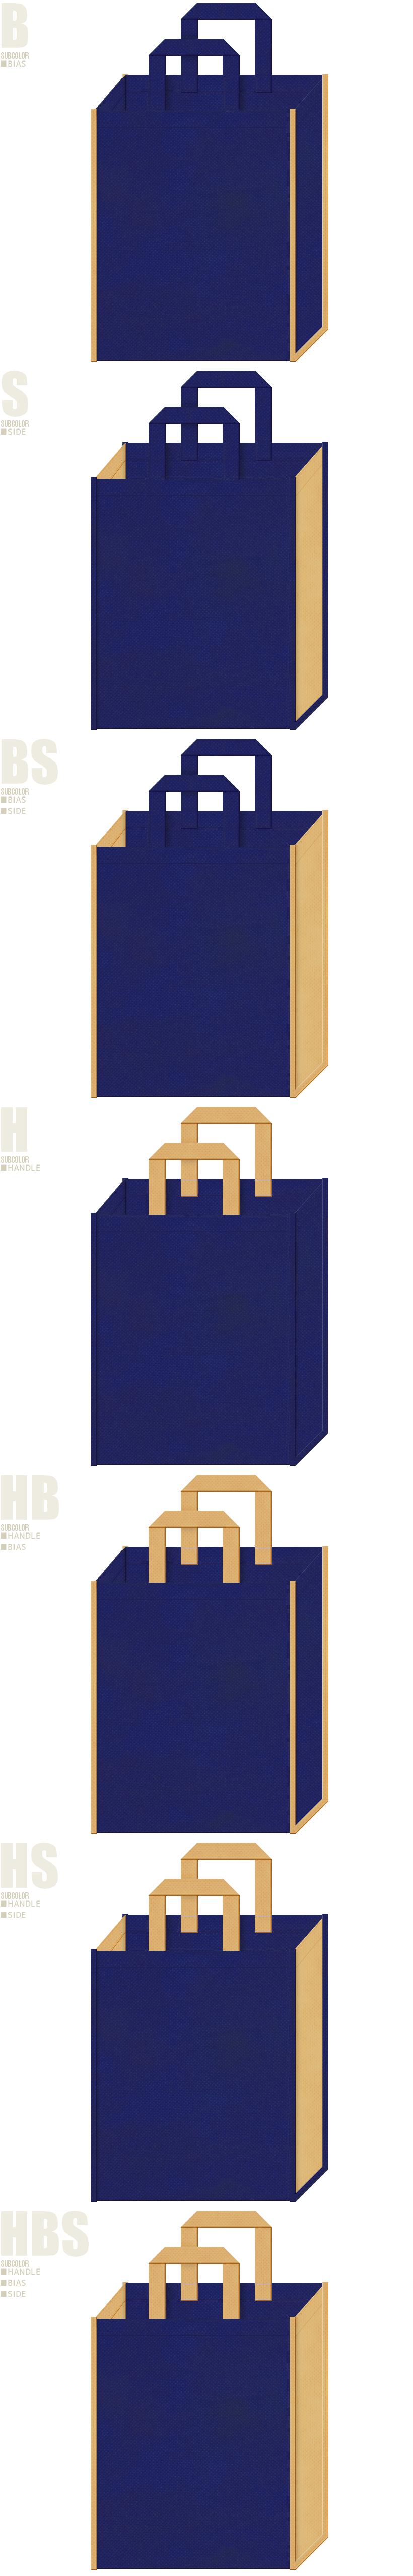 紺紫色と明るめの黄土色-7パターンの不織布トートバッグ配色デザイン例